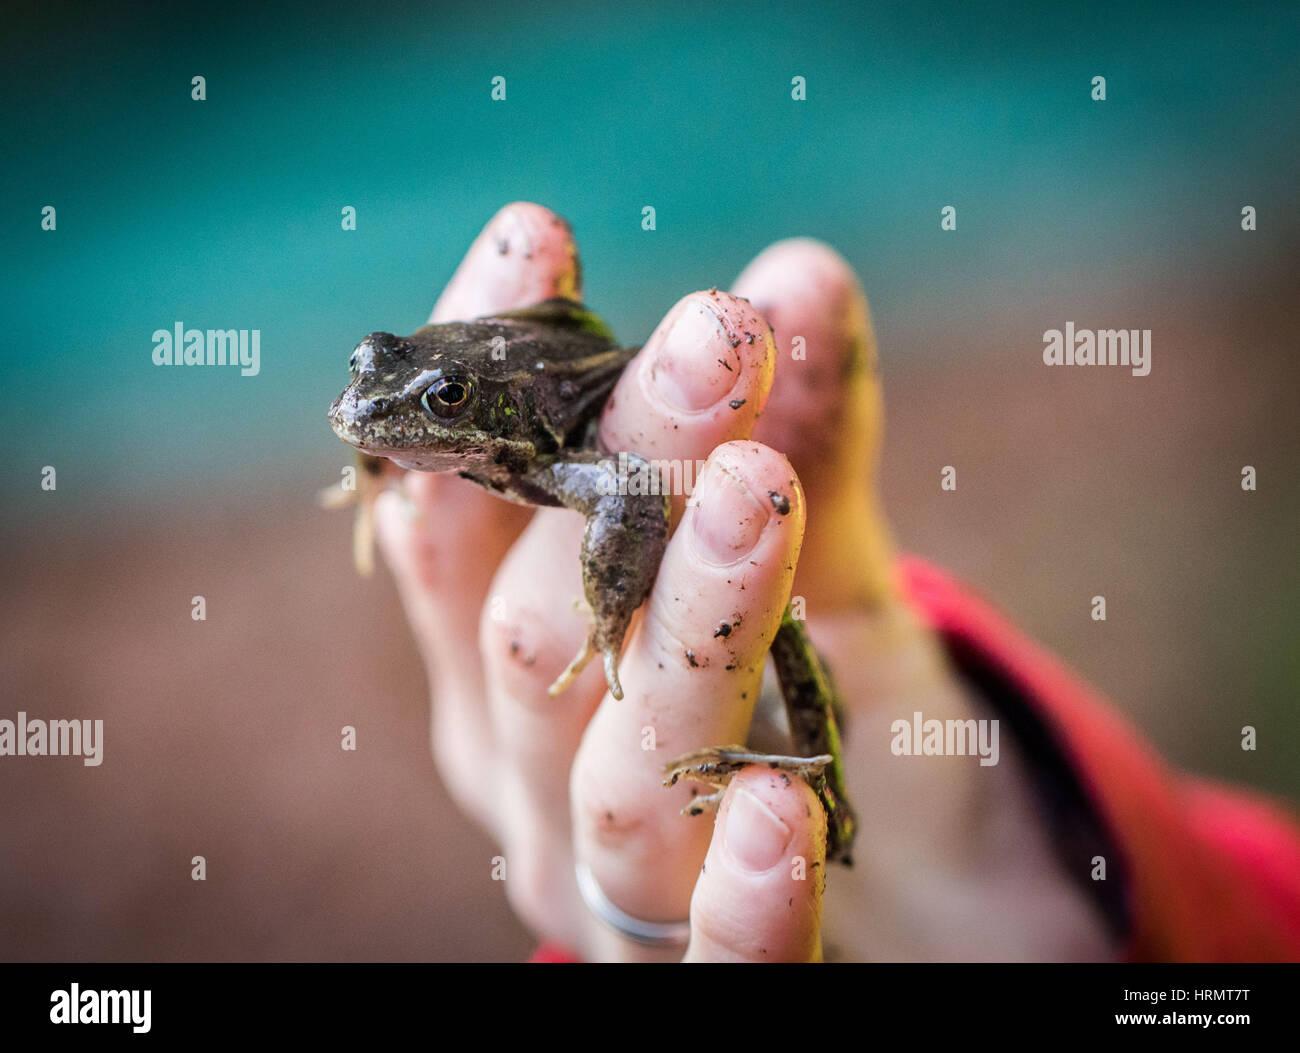 Niedlich Springfrosch Färbung Seite Ideen - Malvorlagen Von Tieren ...